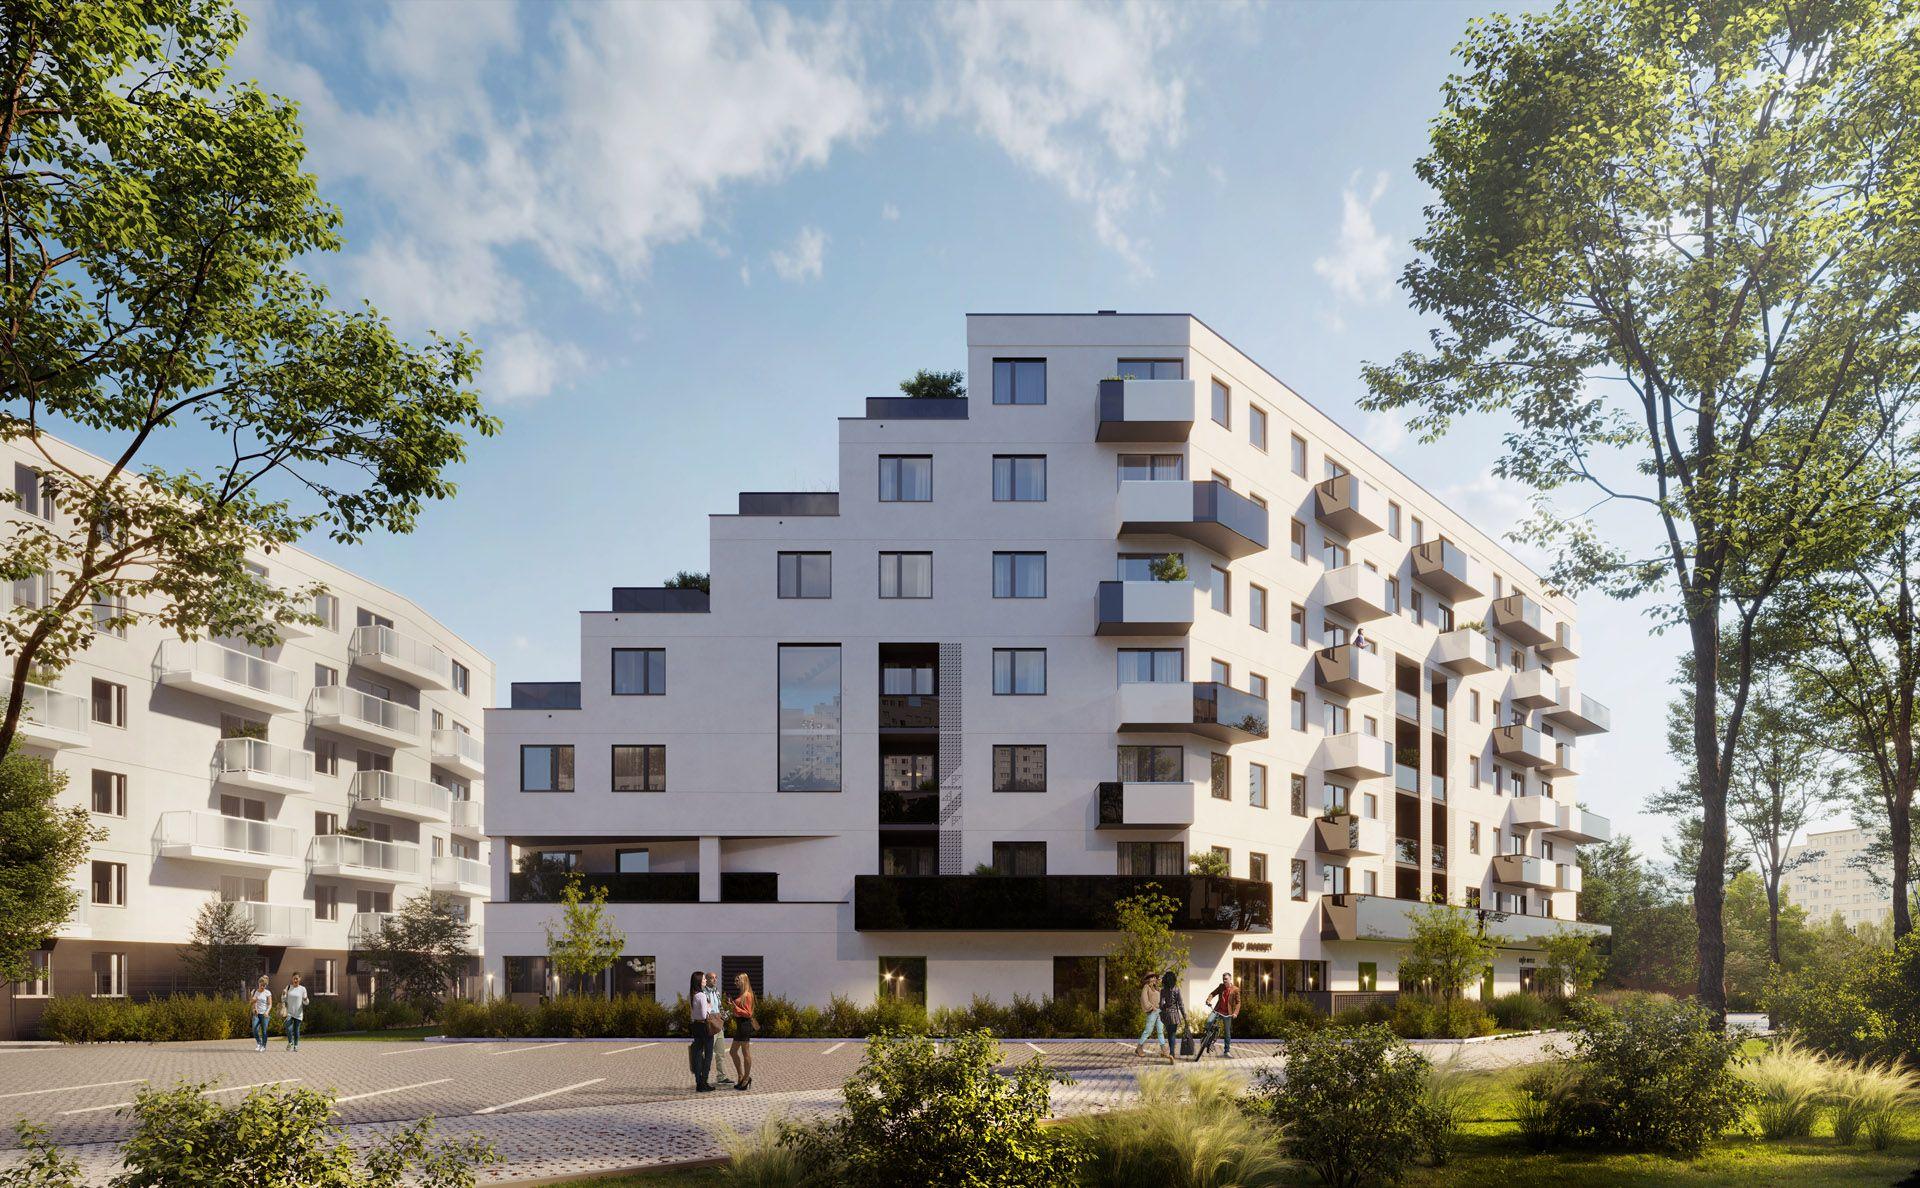 Develia rozpoczęła we Wrocławiu budowę osiedla Kaskady Różanki